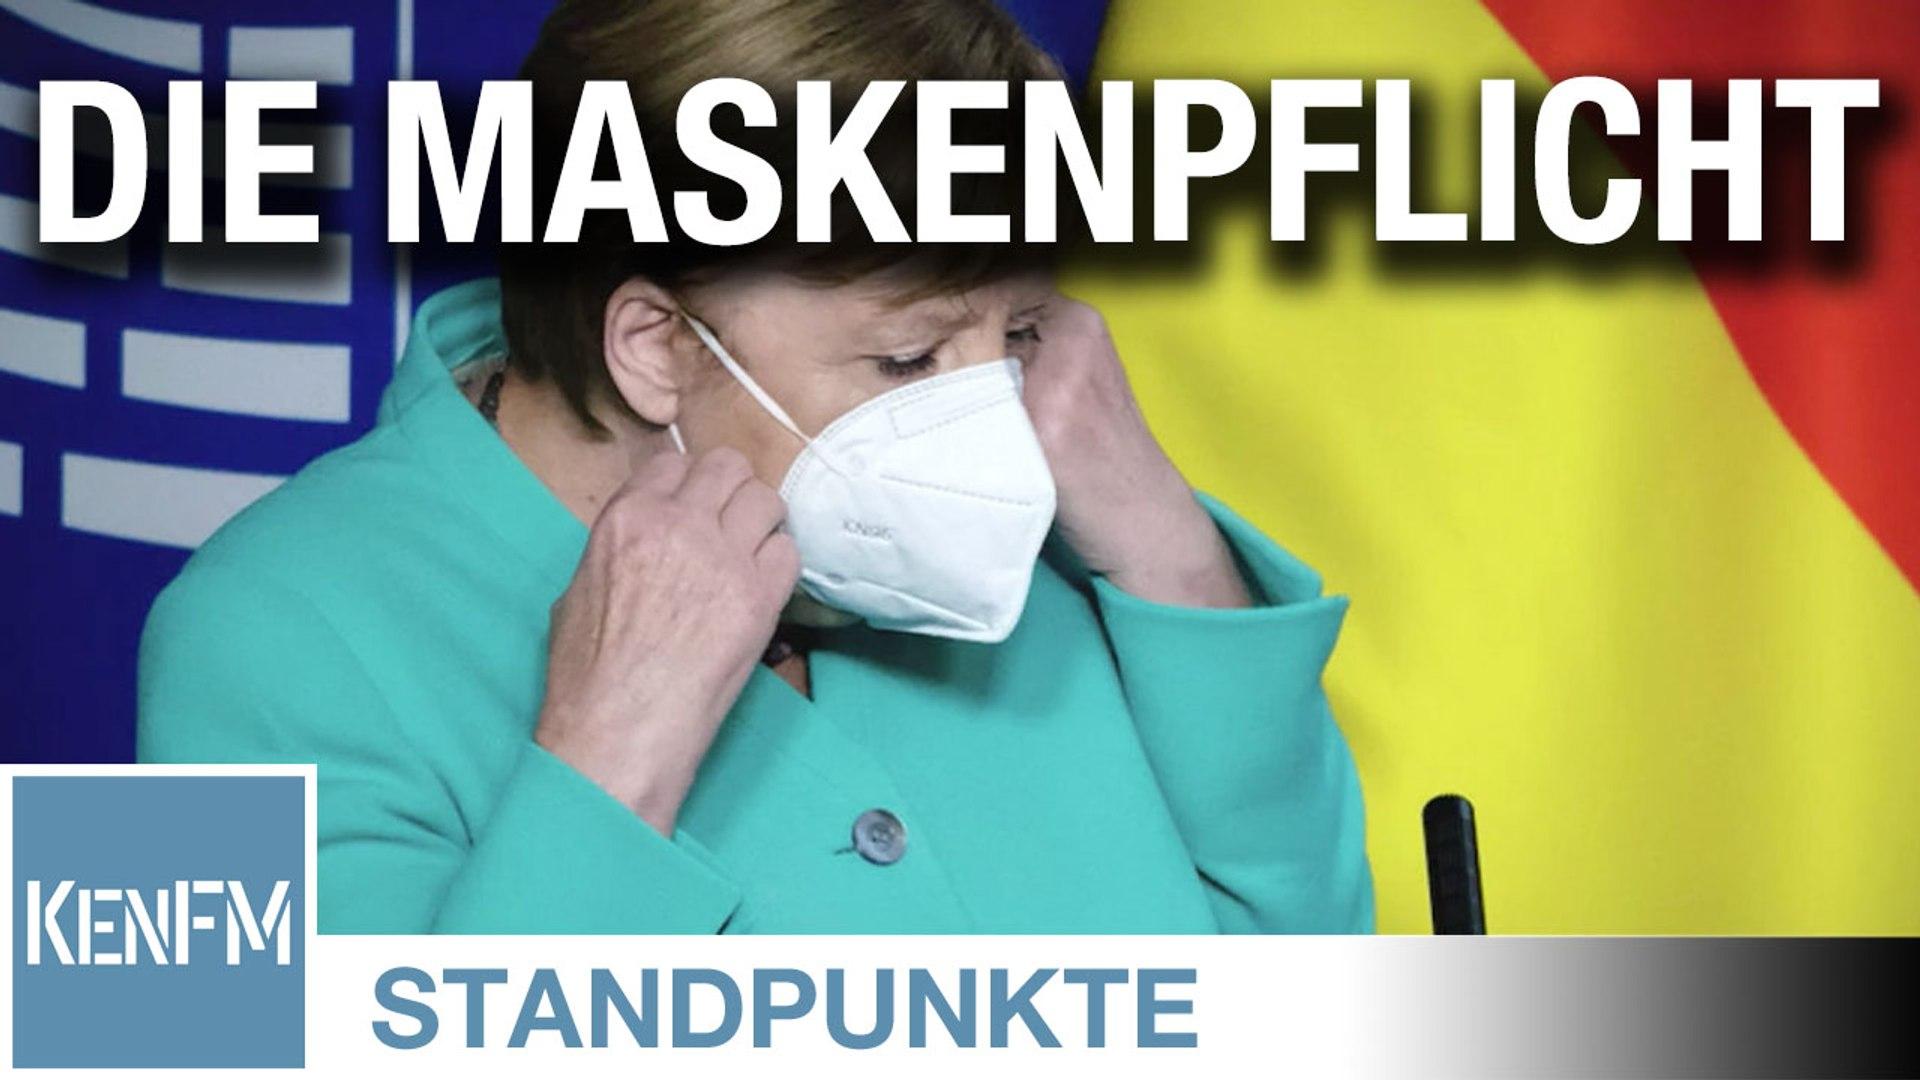 Die Maskenpflicht: Epidemieeindämmung oder Körperverletzung im Amt? | Von Oliver Märtens